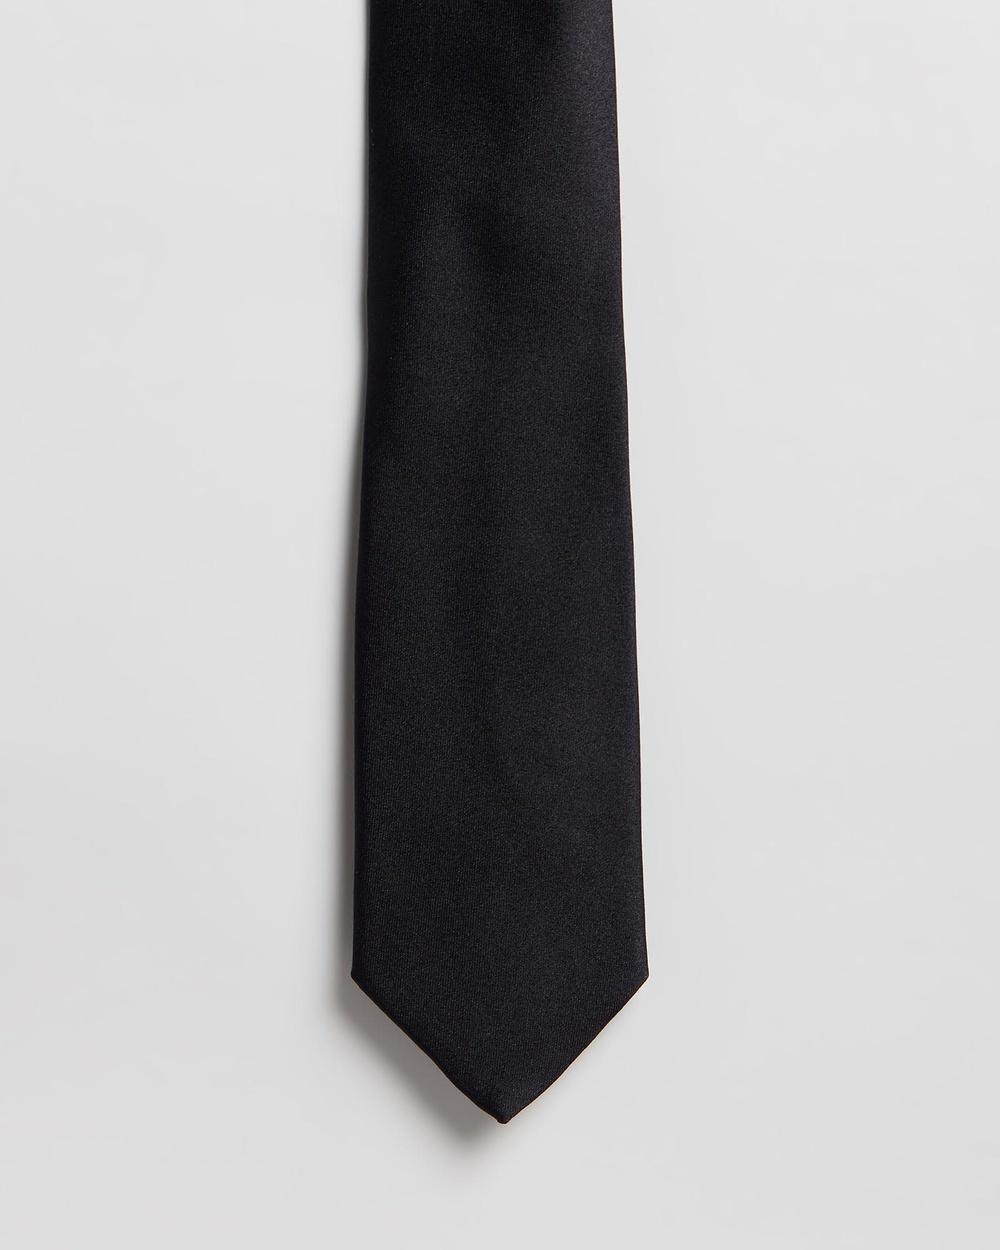 Gieves and Hawkes Plain Silk Tie Ties Black Ties Australia